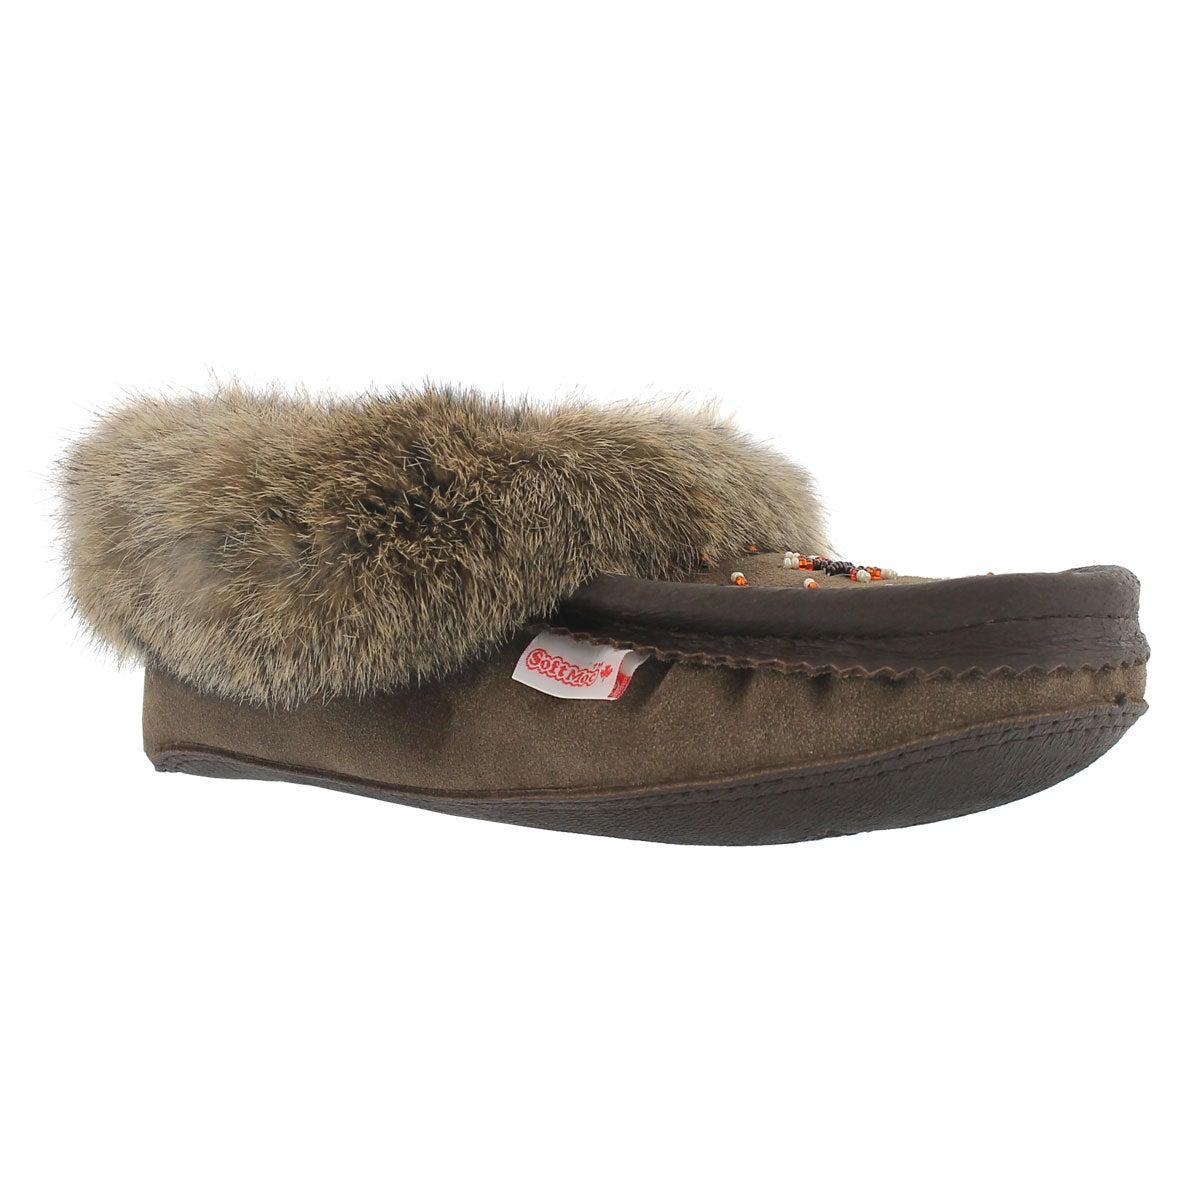 Women's SF600 smoke rabbit fur moccasins